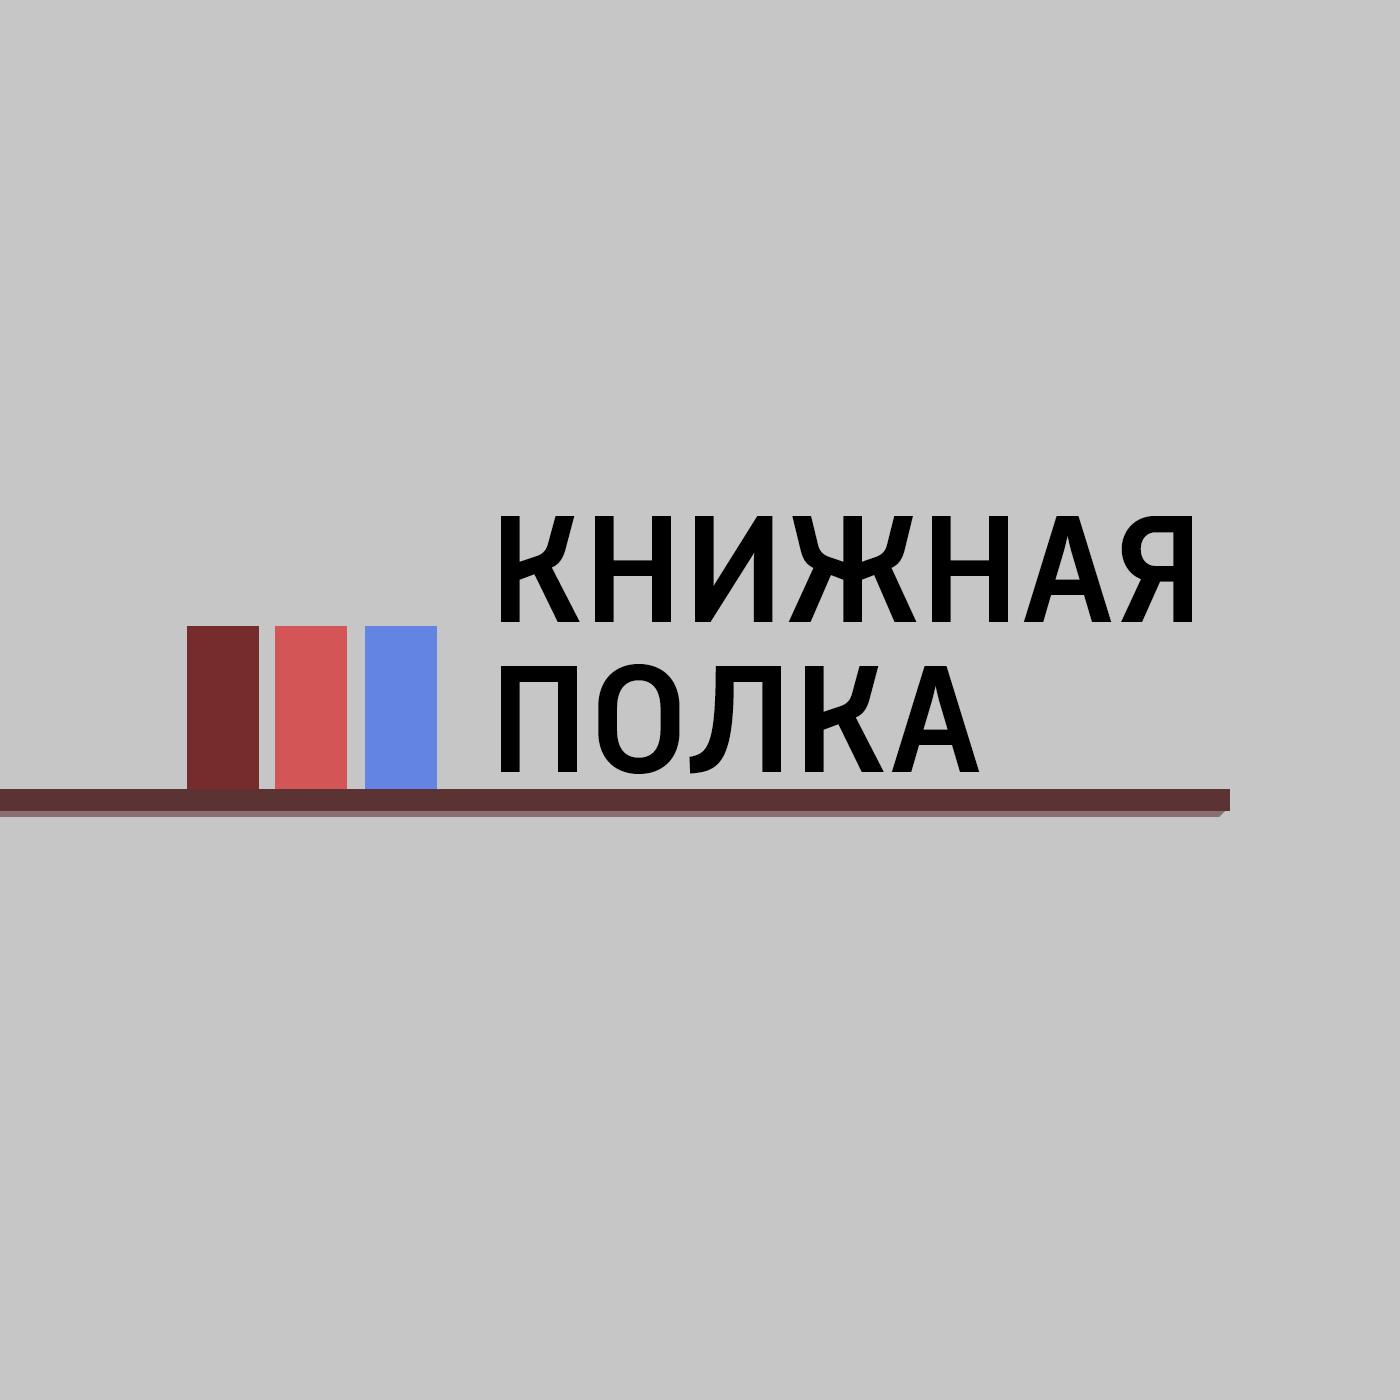 Маргарита Митрофанова Московская Международная книжная выставка-ярмарка выставка munk 2019 05 08t13 30